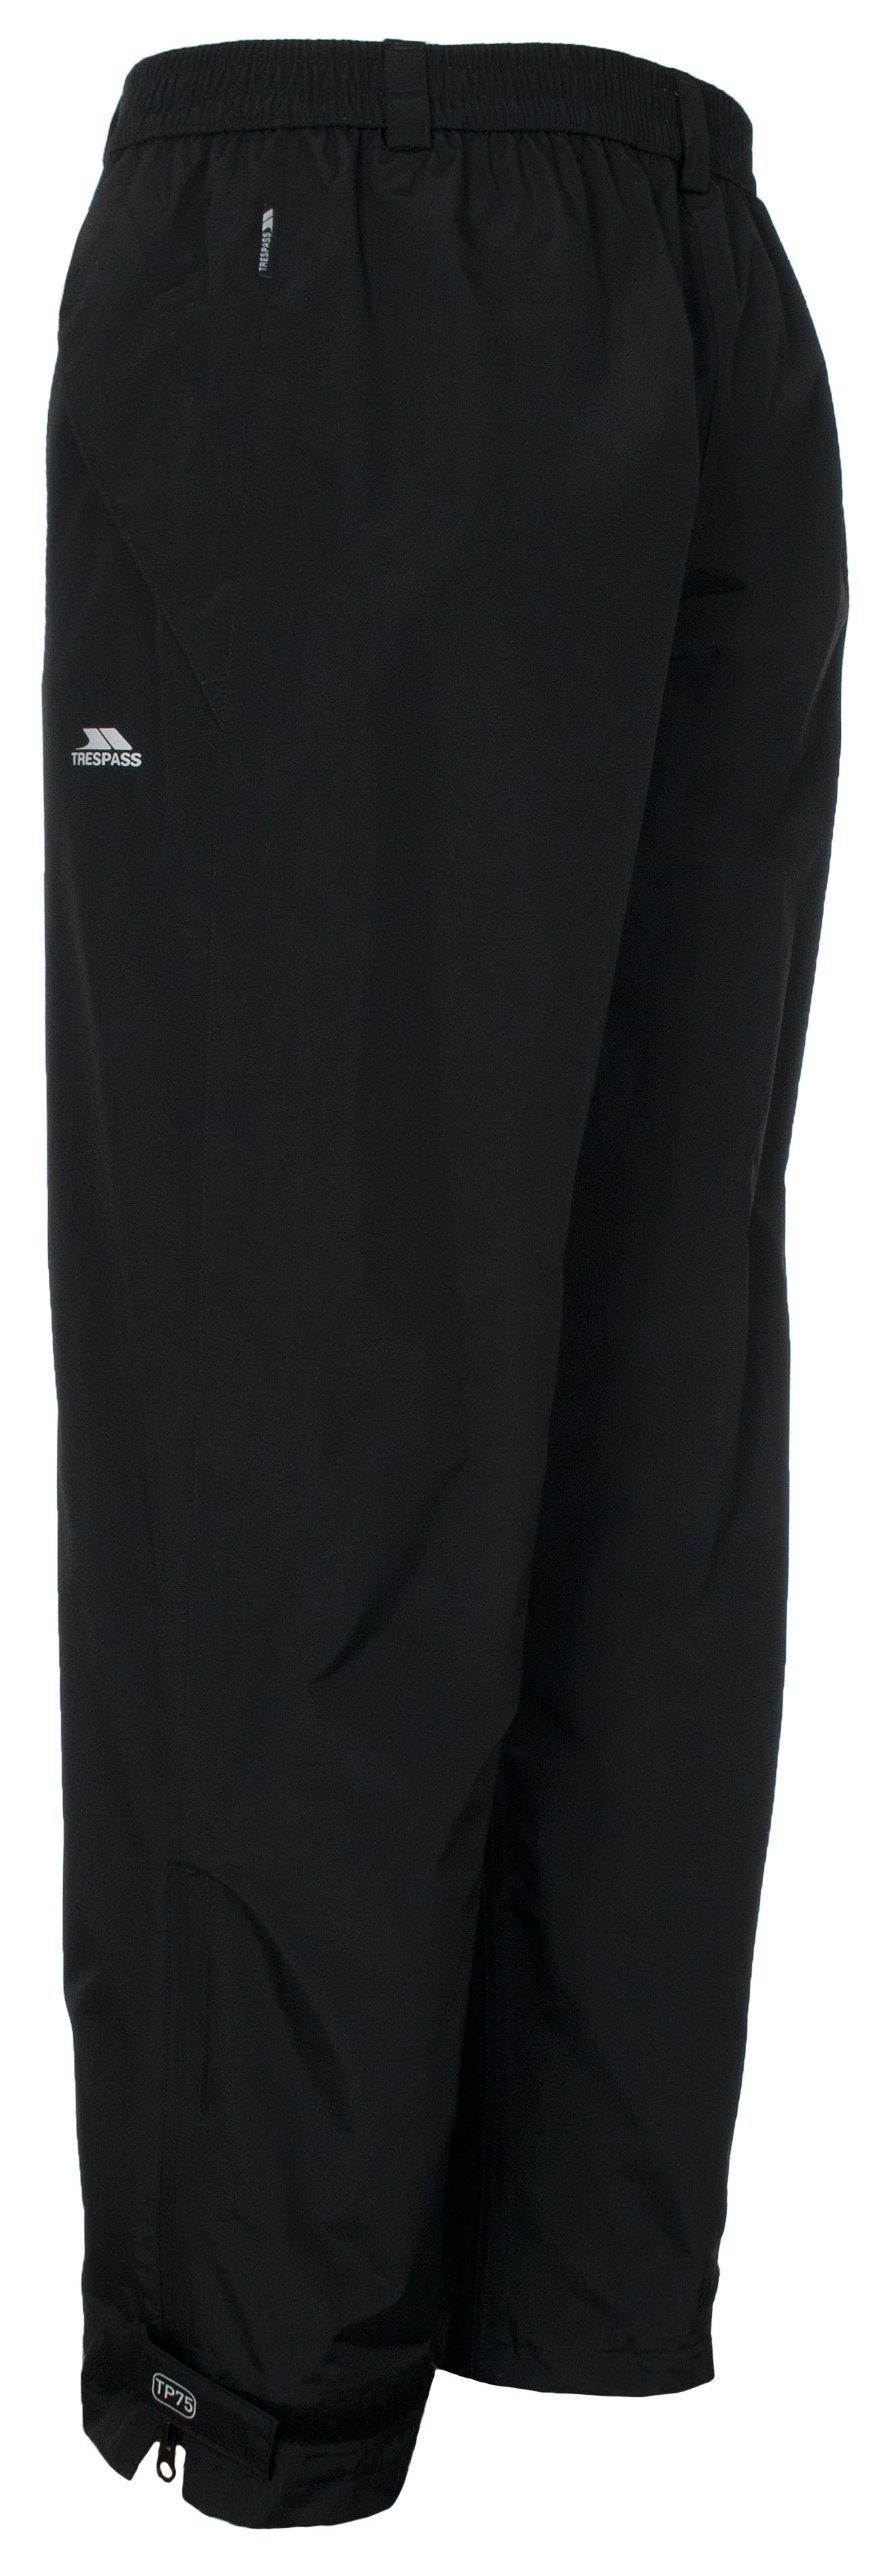 Trespass Women's Miyake Trousers 2